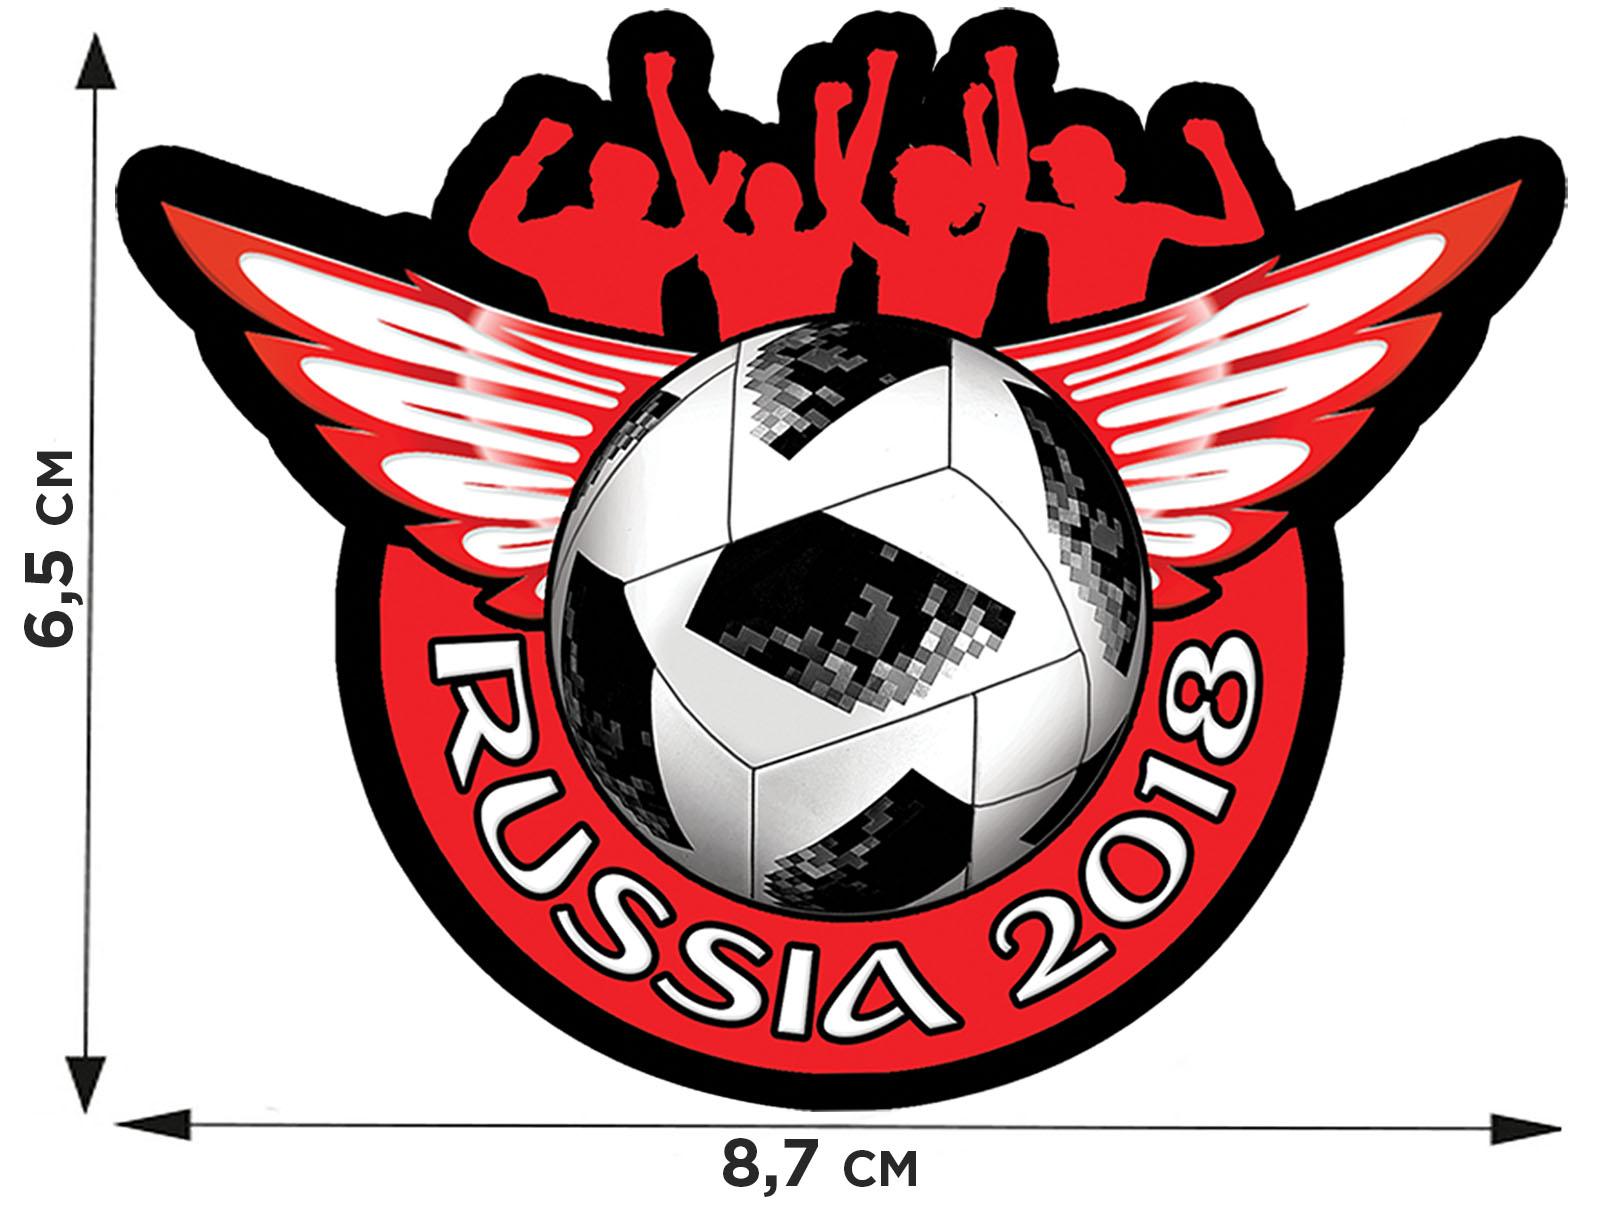 Купить футбольную картинку для сублимации Russia оптом выгодно